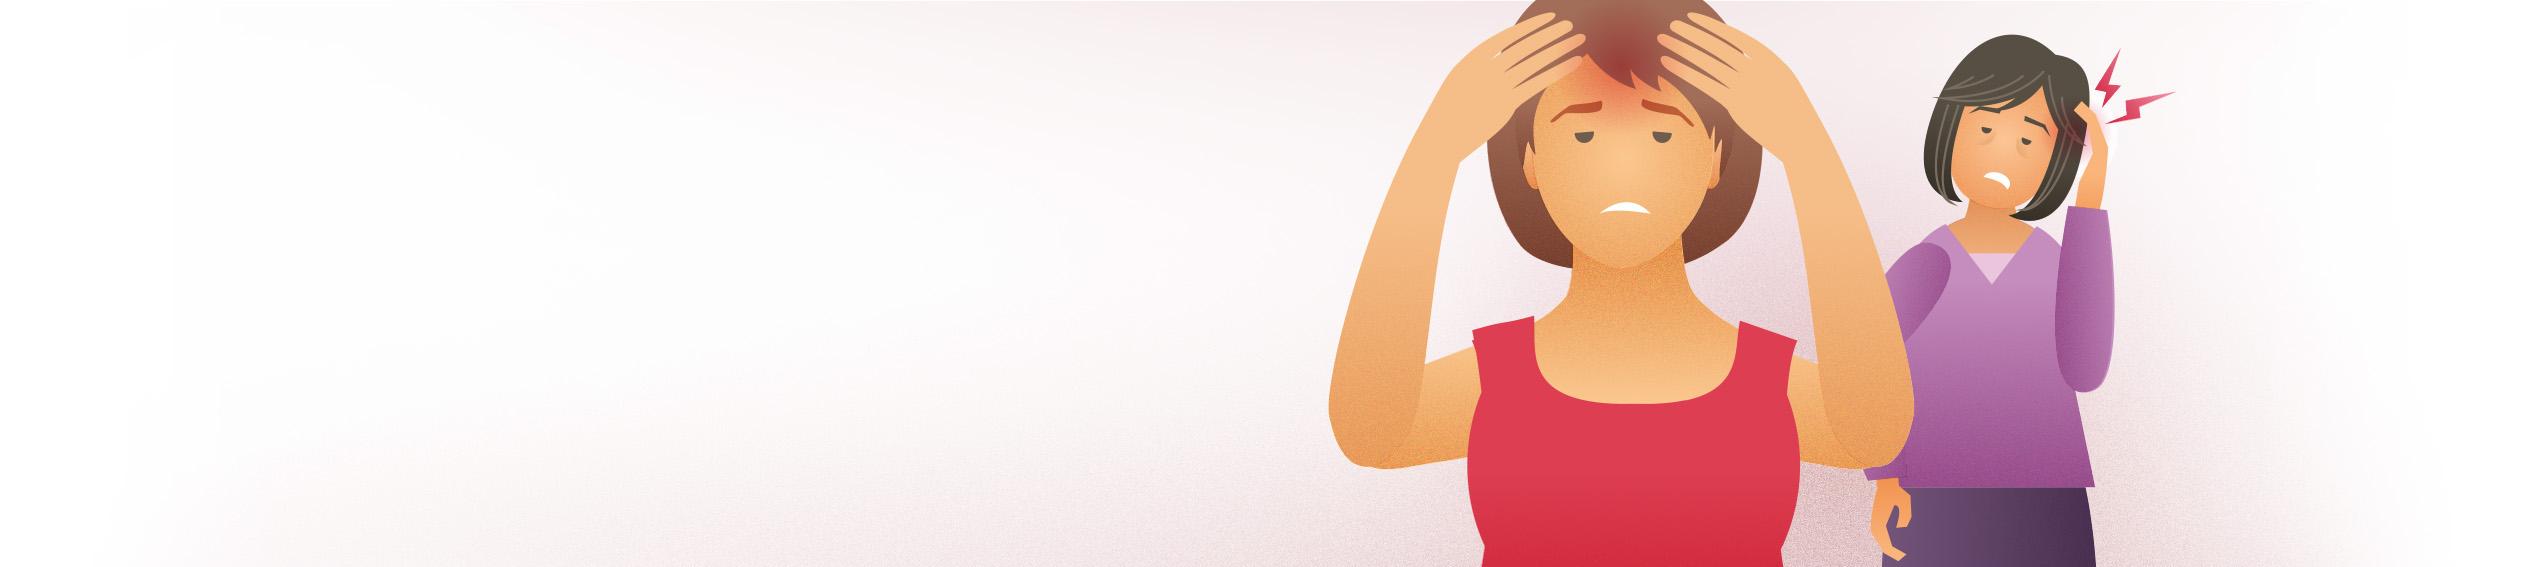 Headache-Migraine-Relief